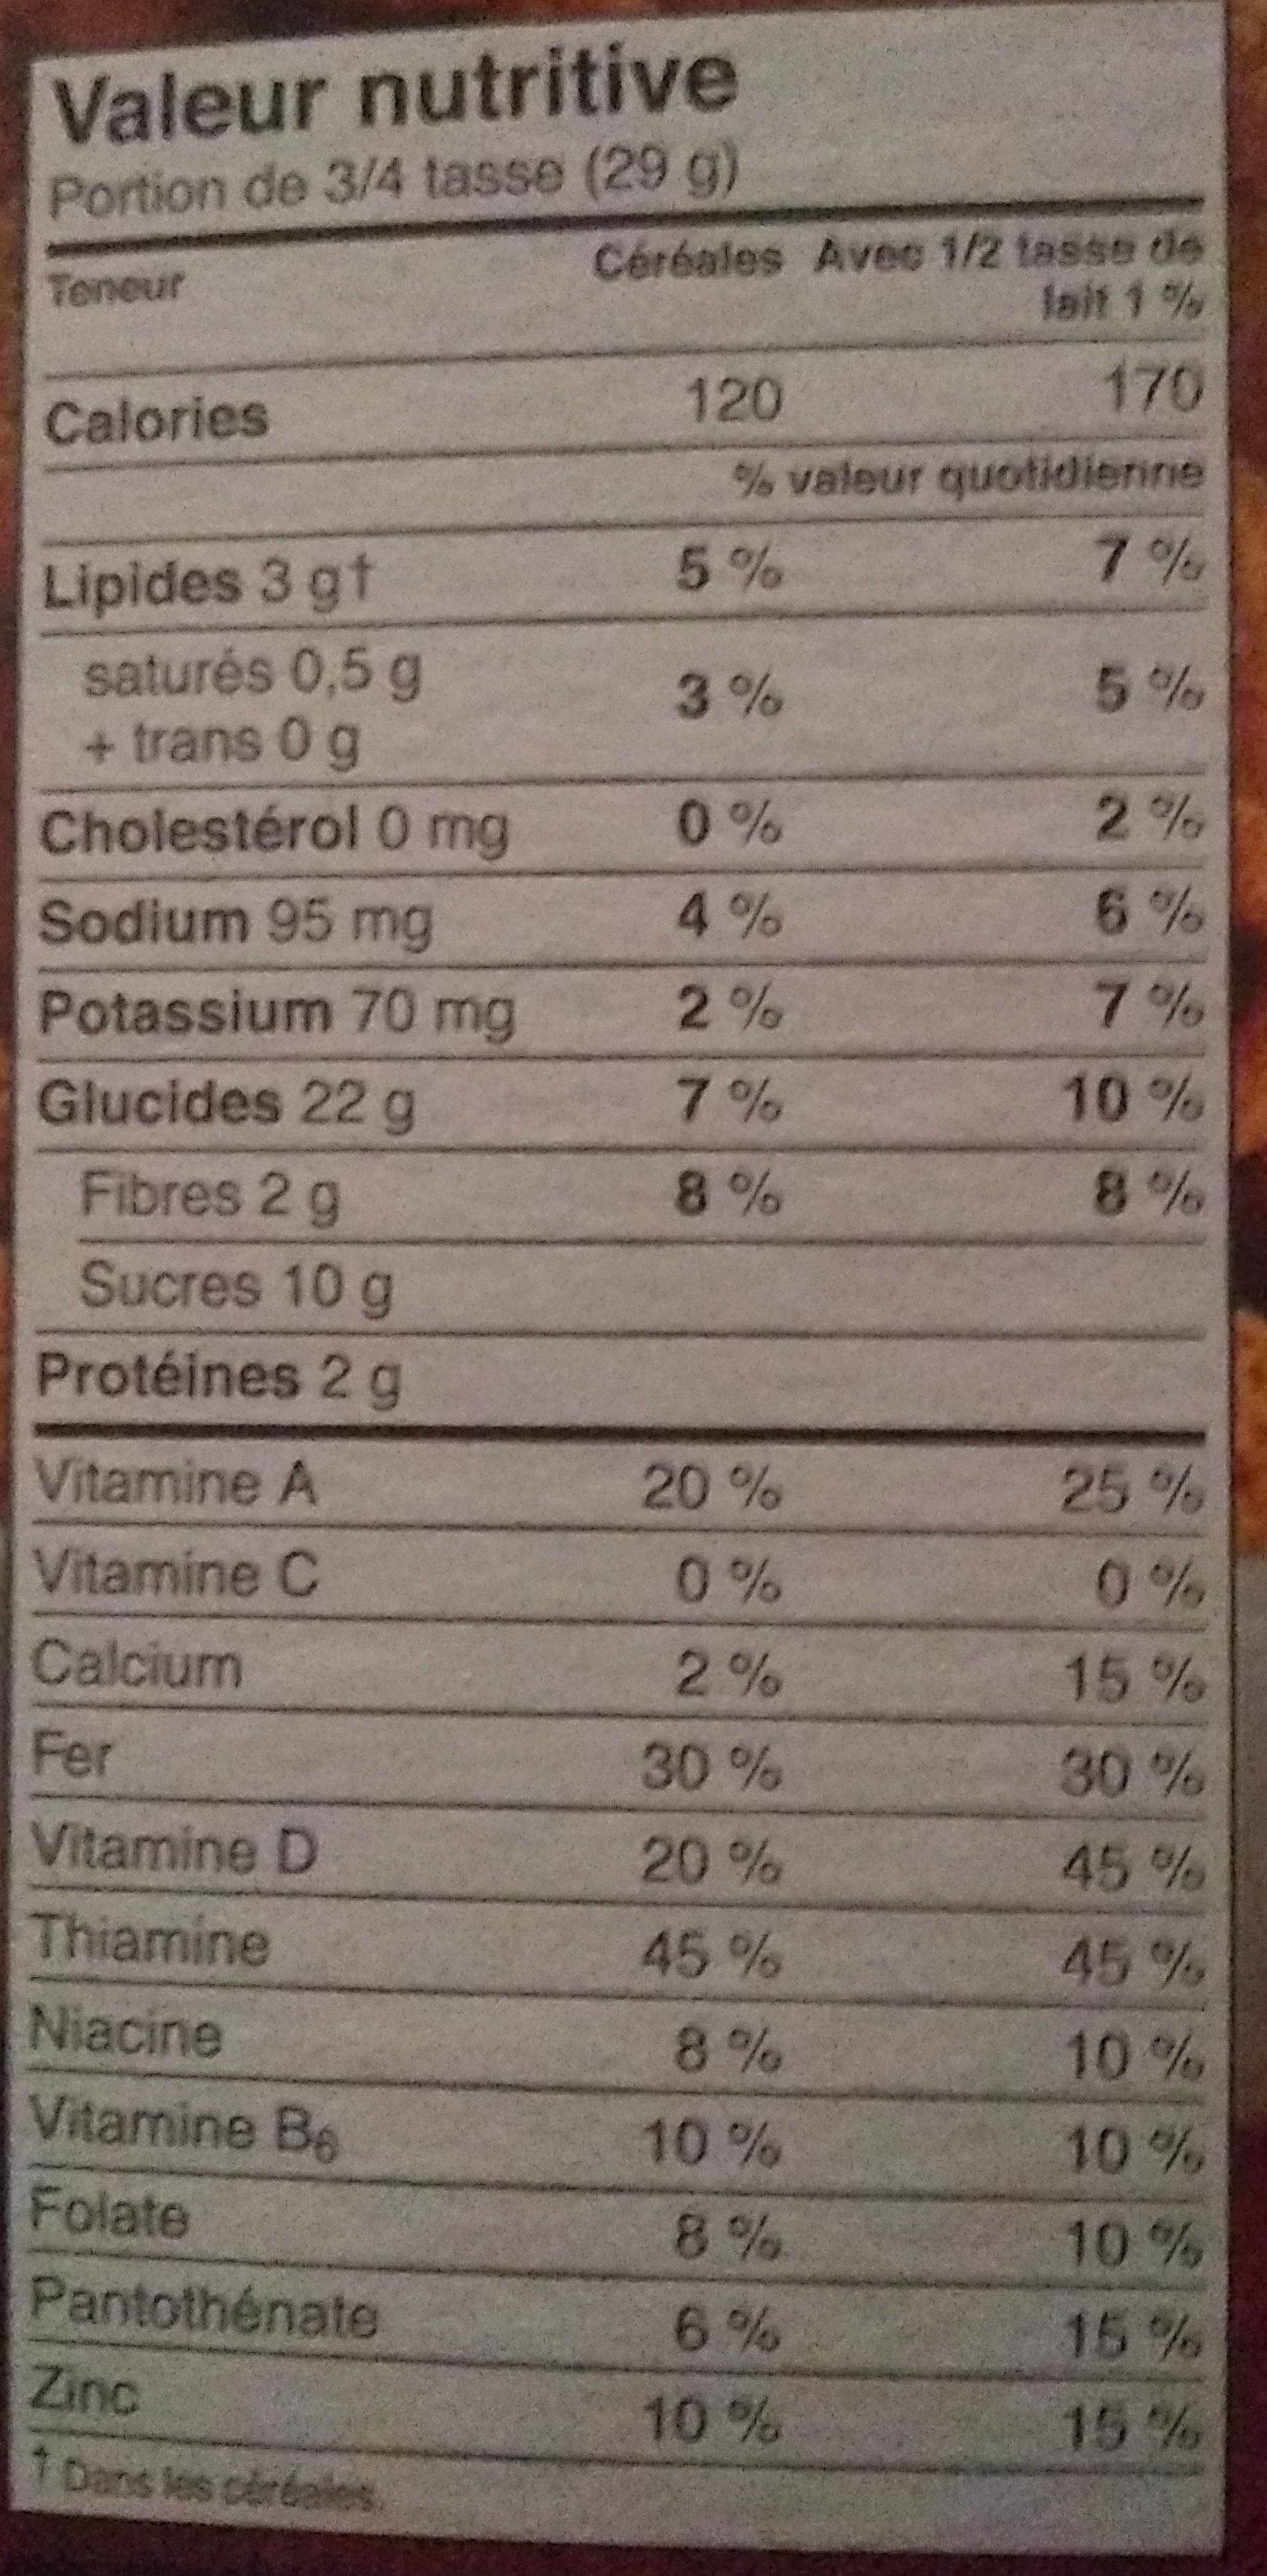 Krave Céréale Chocolat Familial - Informations nutritionnelles - fr